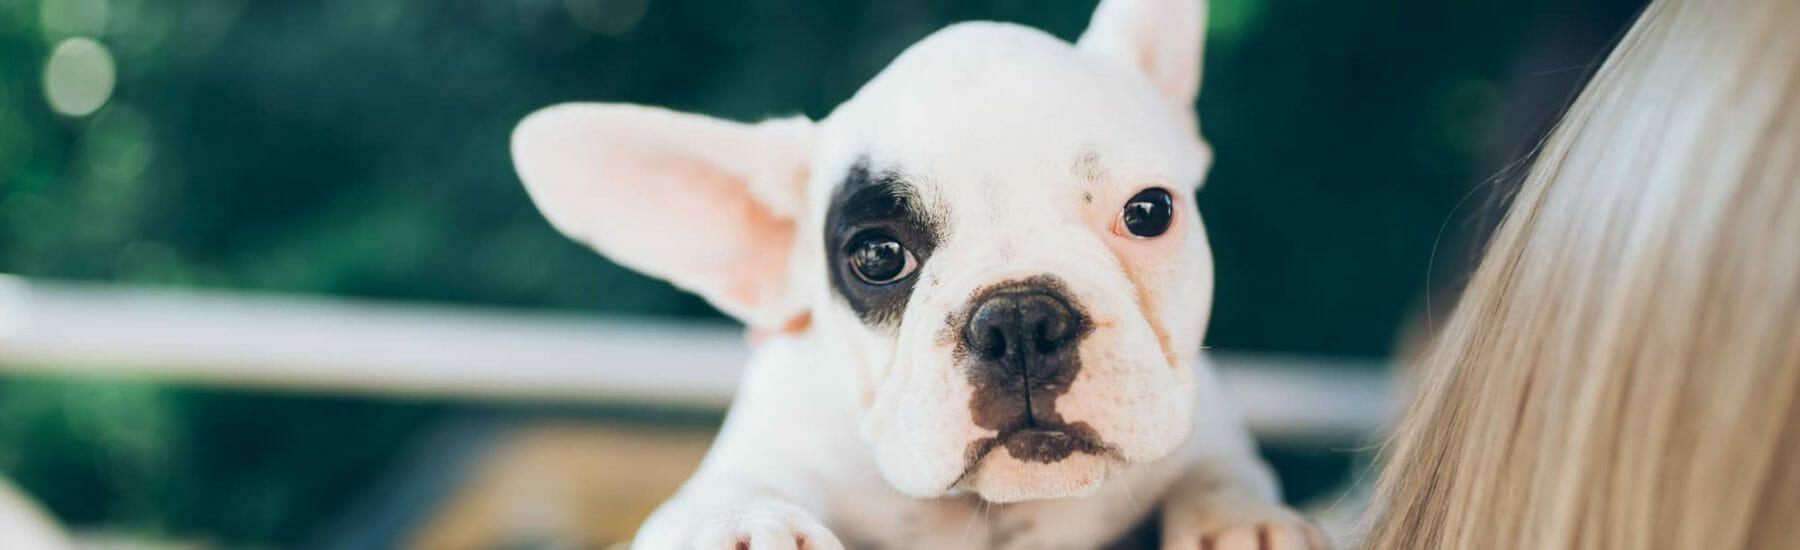 Small white bulldog on shoulder looking at camera